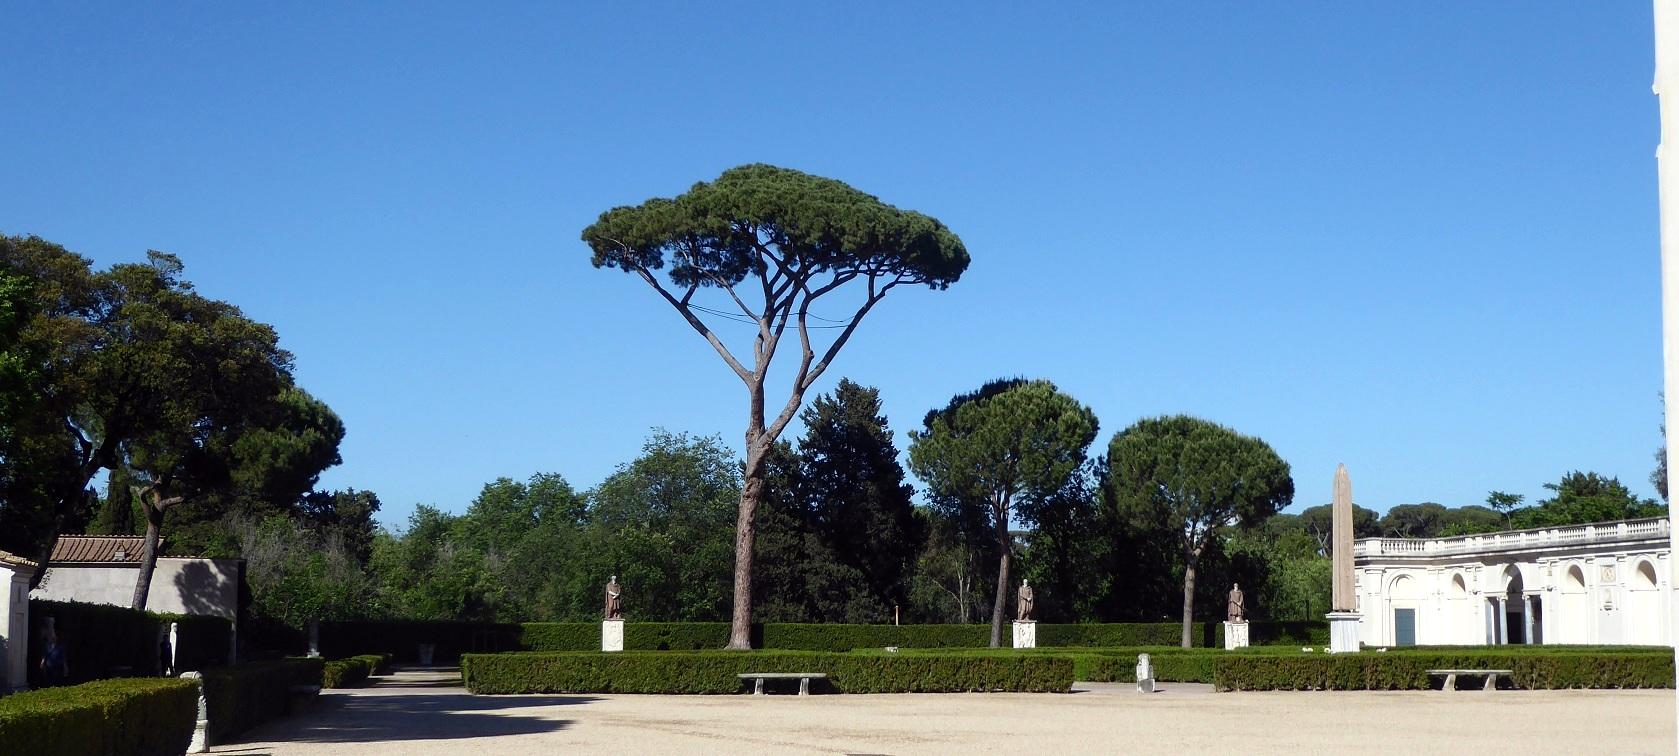 Le jardin de la villa medici histoires d 39 universit s for Jardin villa medicis rome